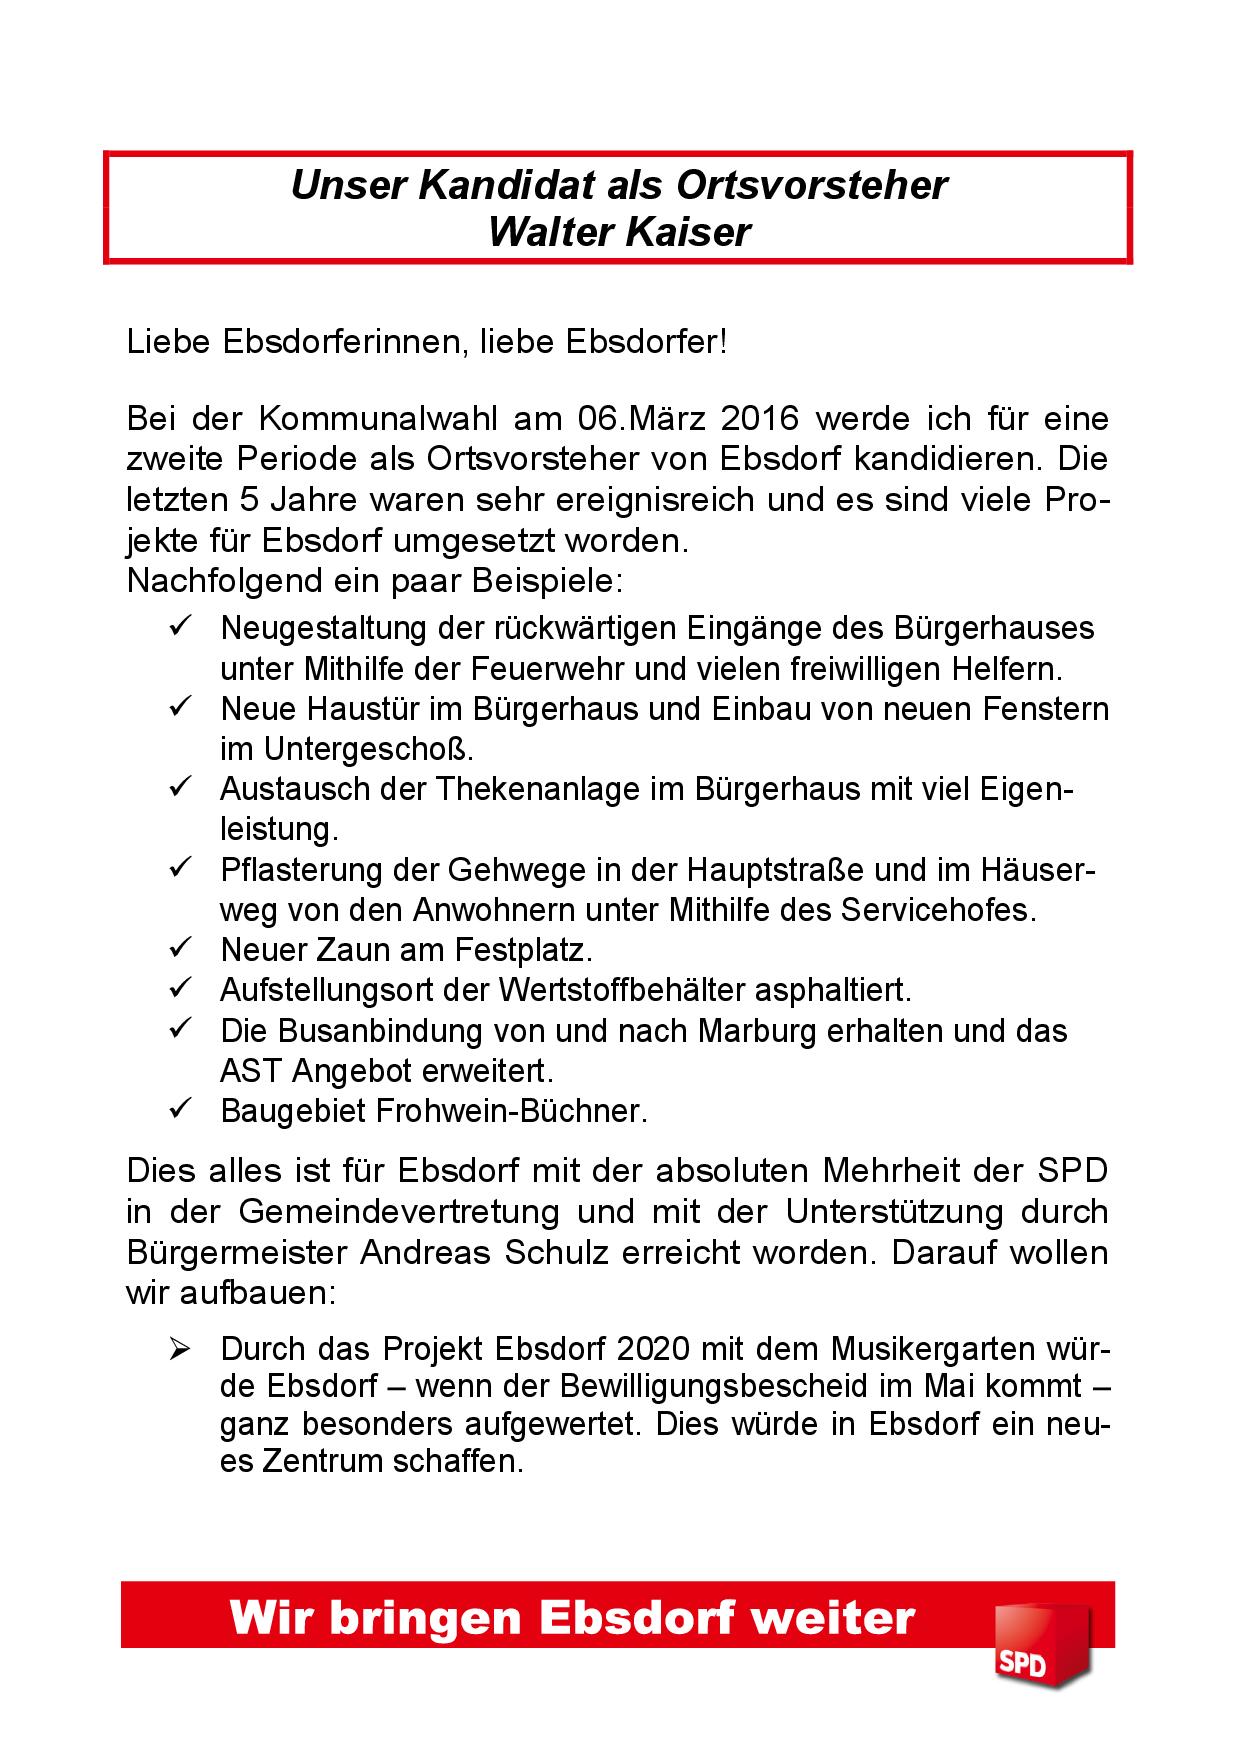 SPD_Kommunalwahl_2016_2